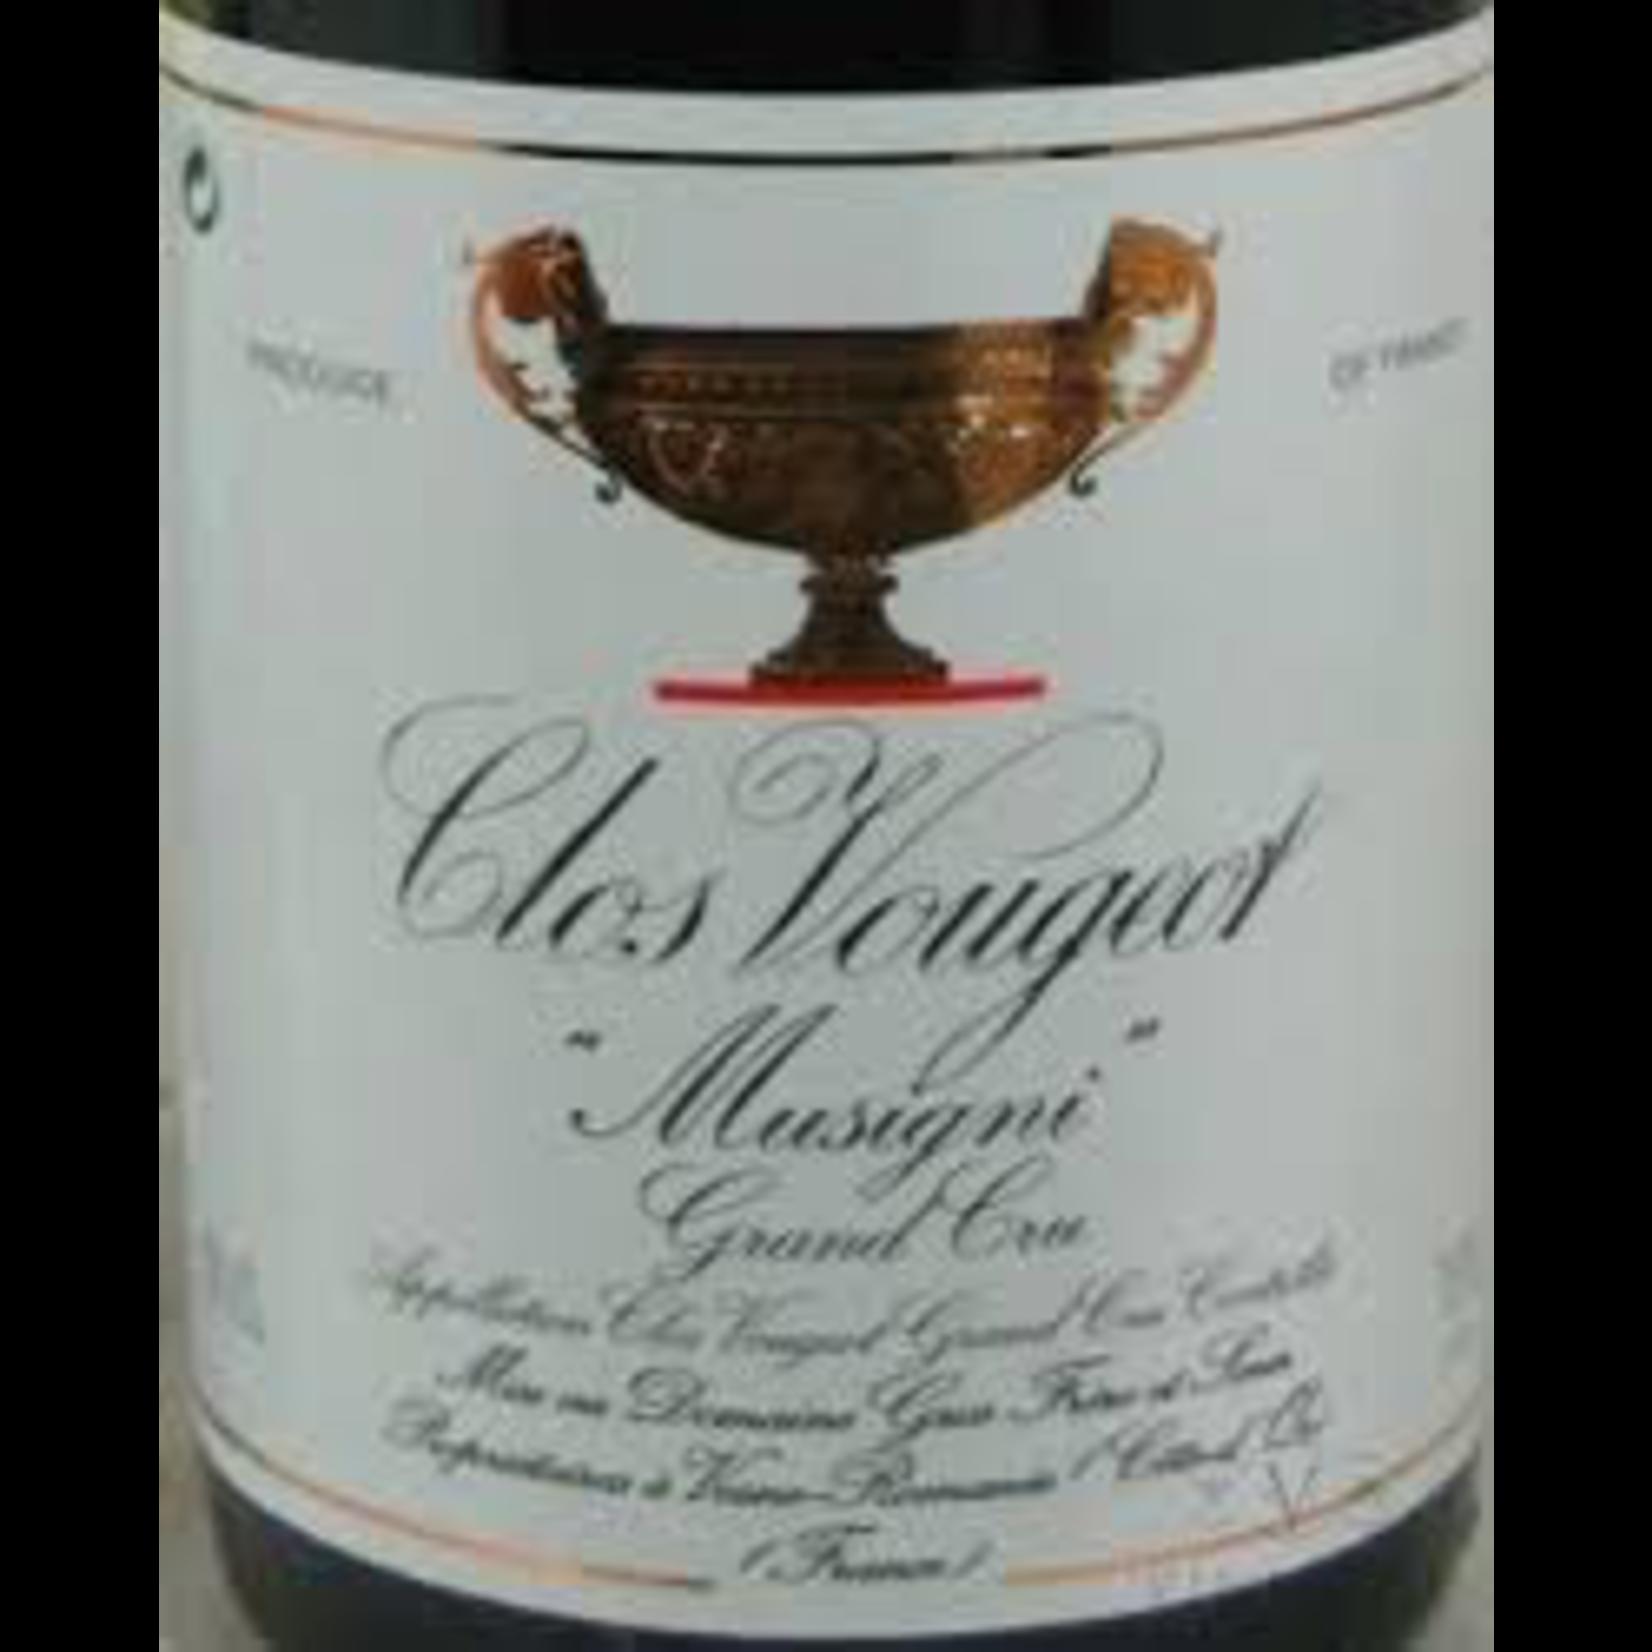 Wine Gros Frere et Soeur Clos de Vougeot Musigni Grand Cru 2009 6L owc